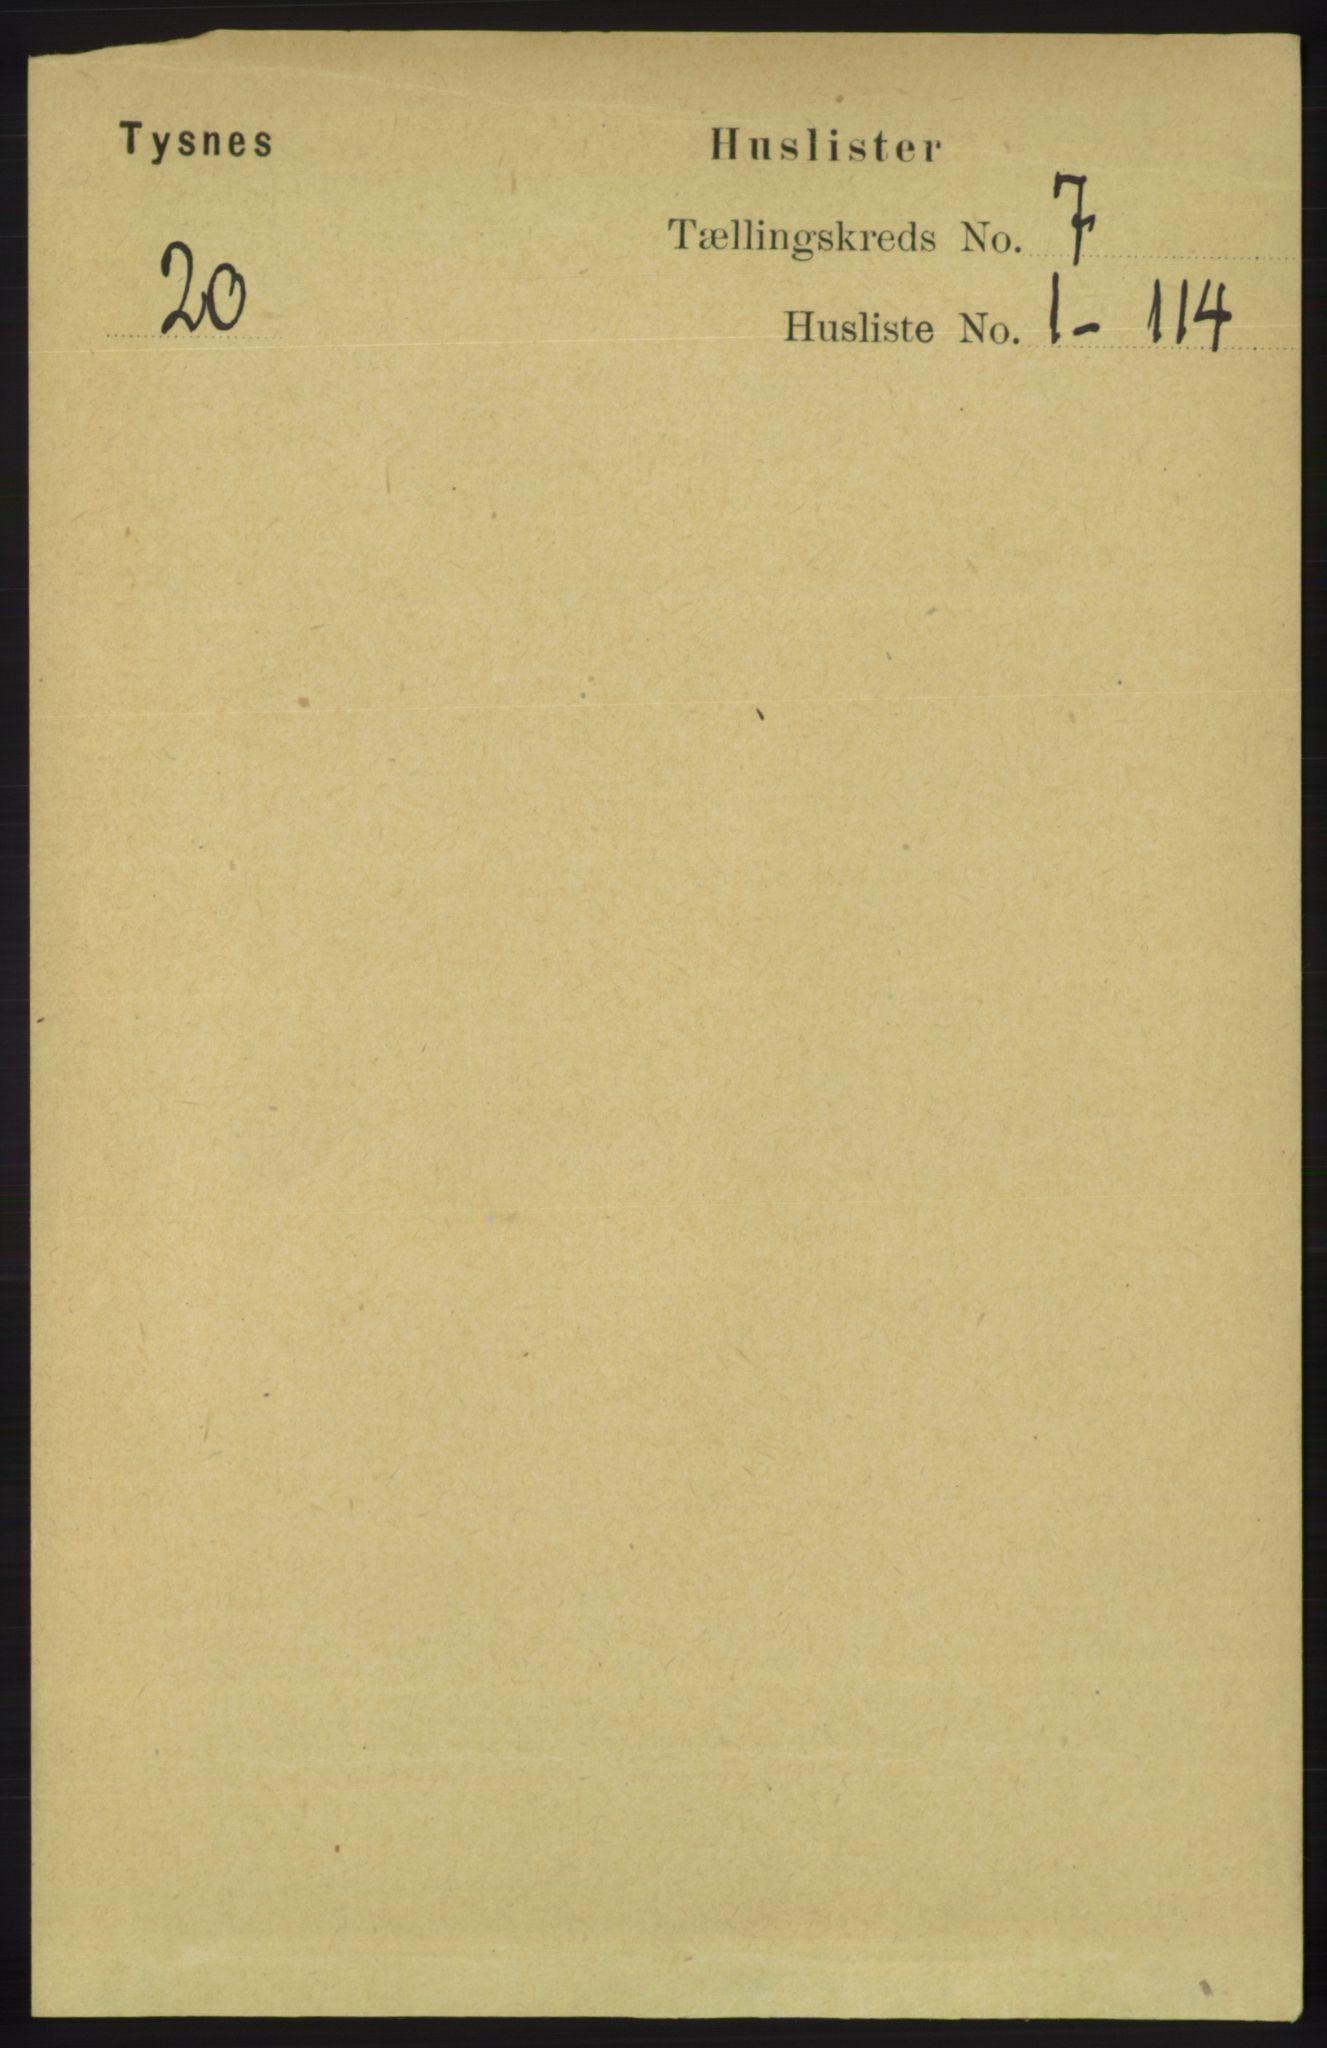 RA, Folketelling 1891 for 1223 Tysnes herred, 1891, s. 2760